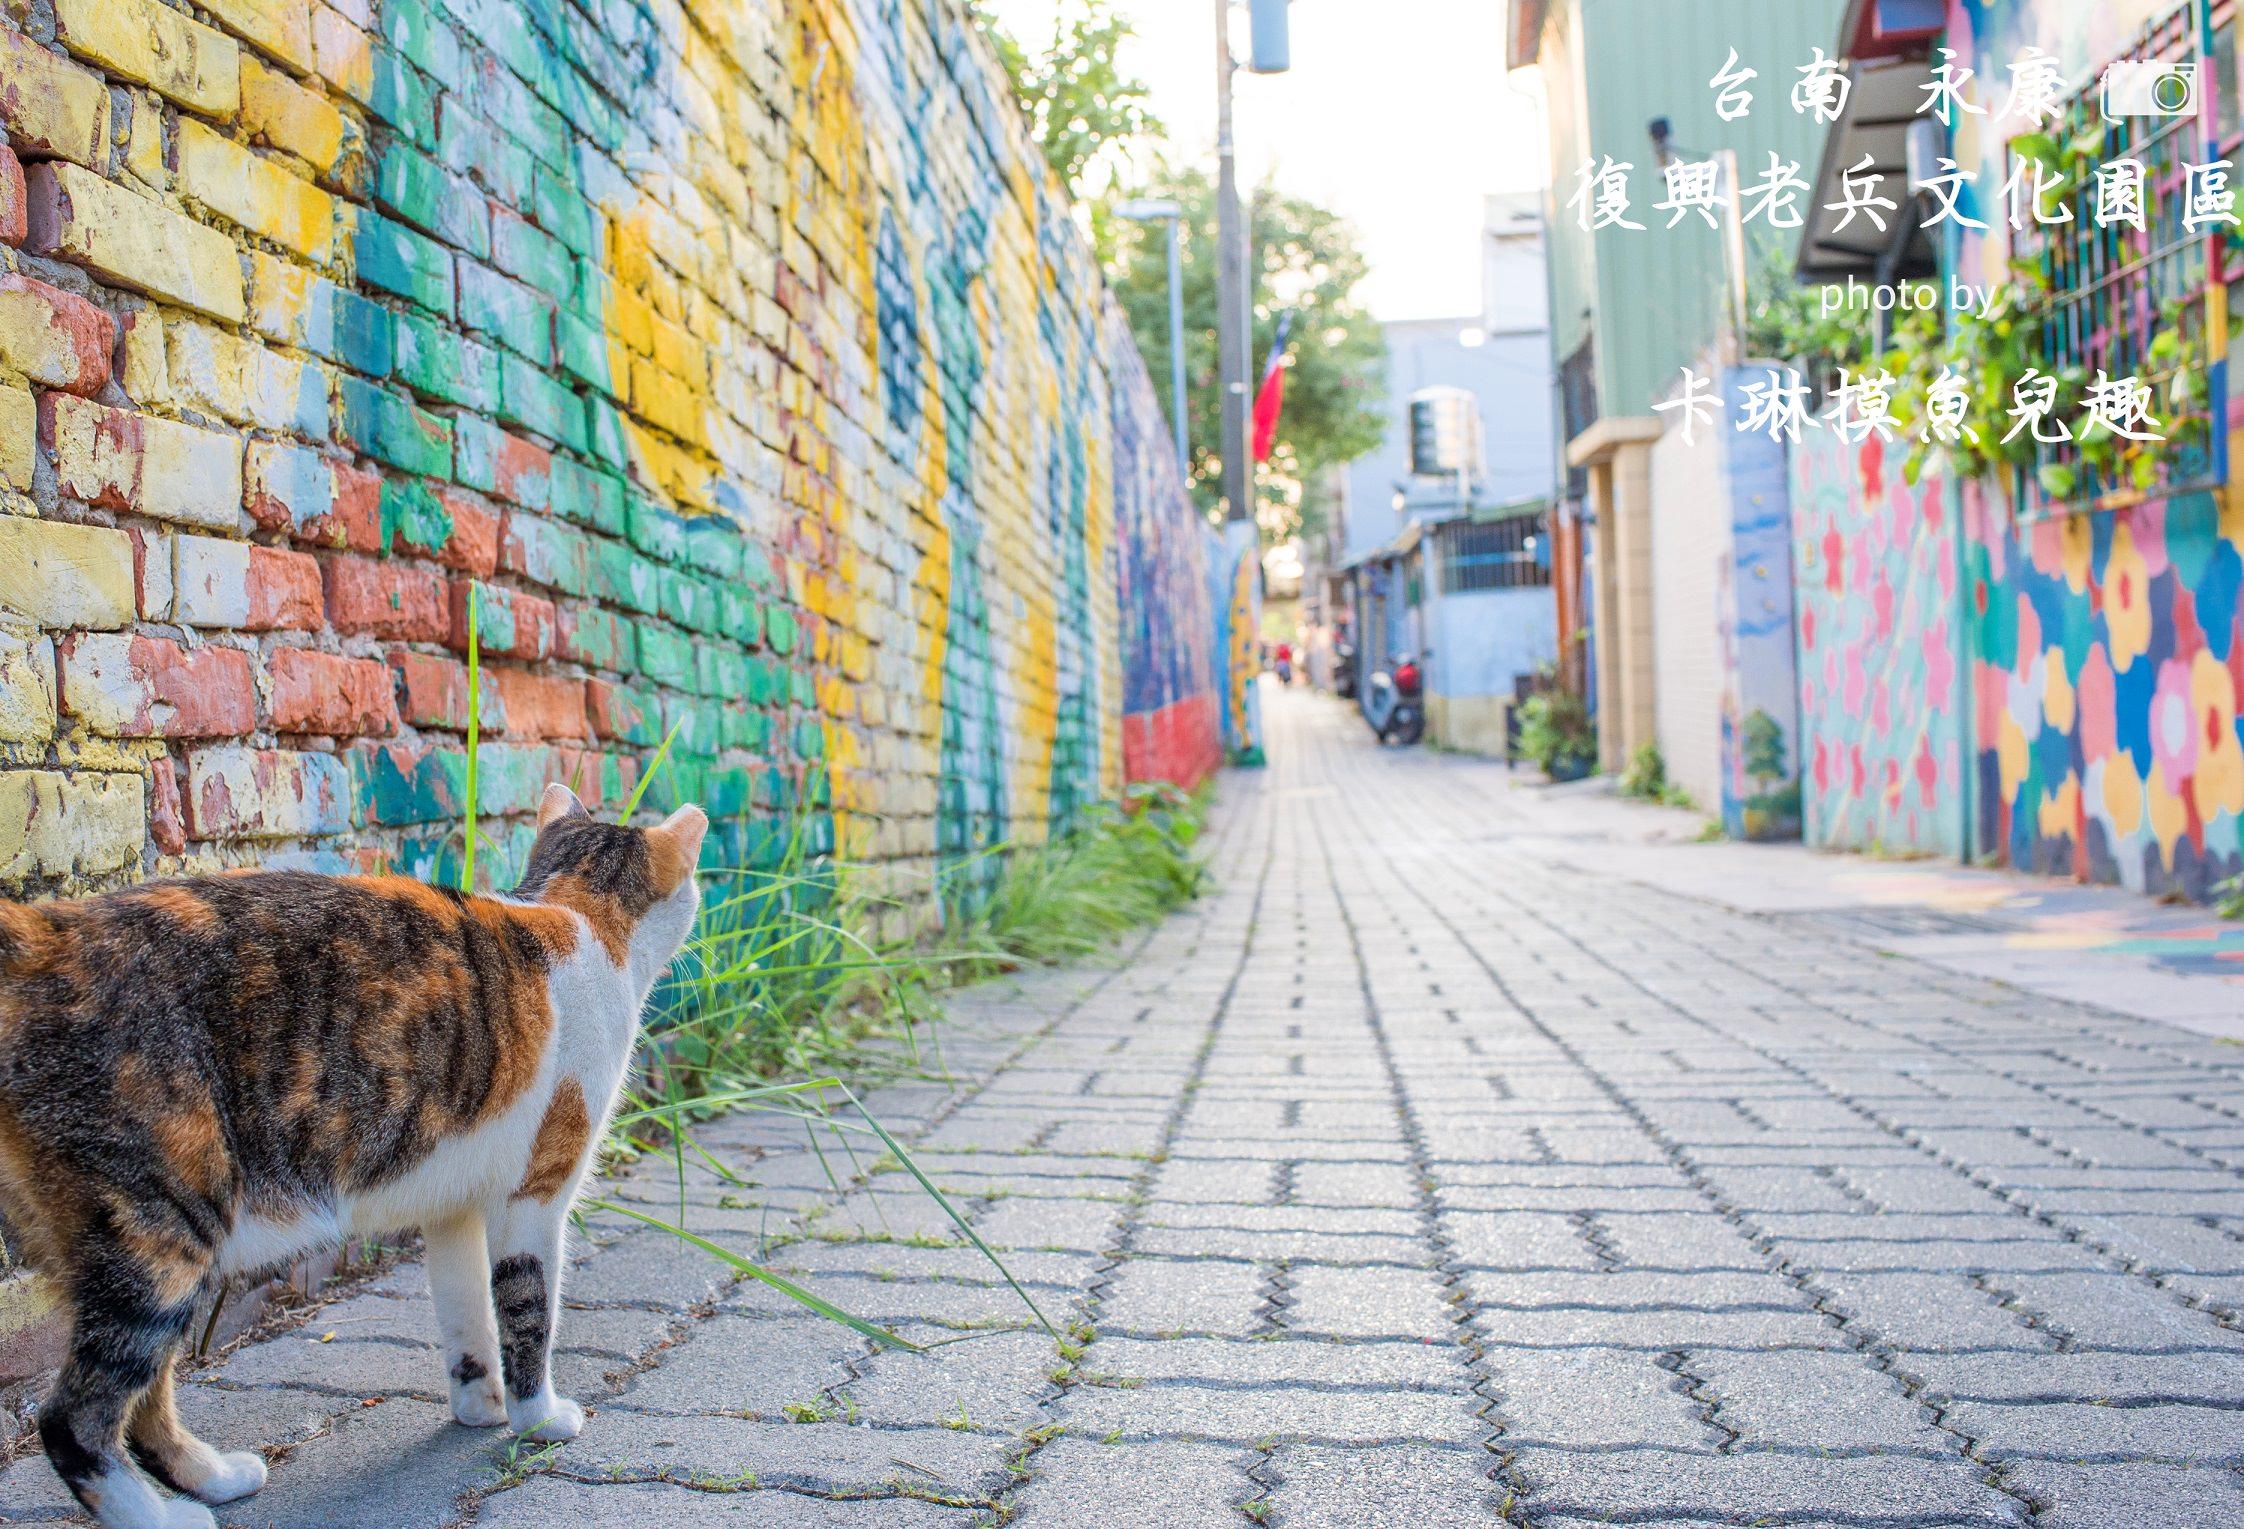 台南旅遊景點 | 永康 復興老兵文化園區 – 滿是貓咪的彩繪眷村 IG打卡拍照好去處